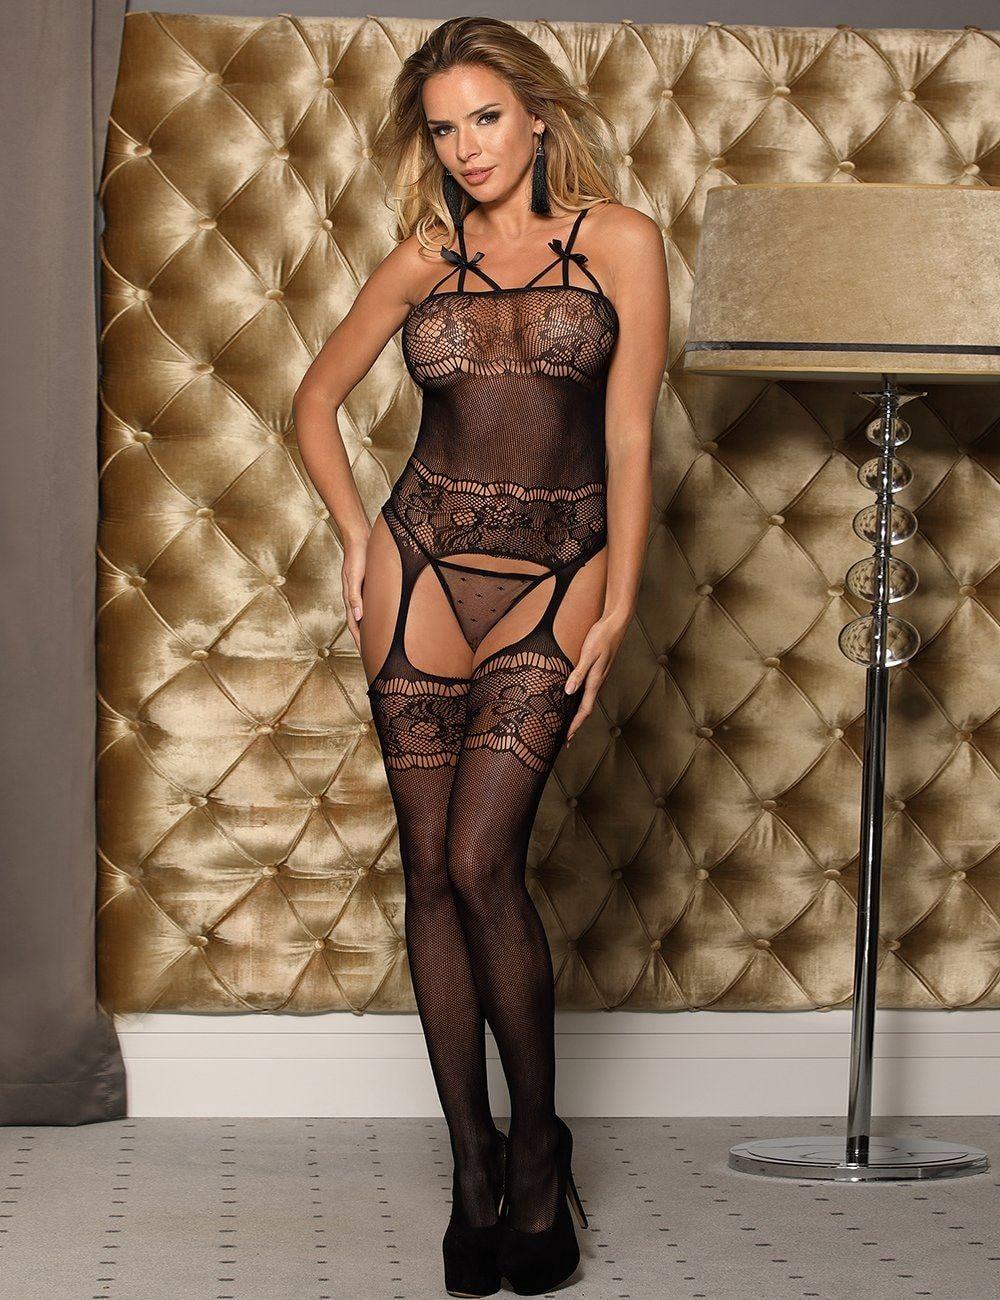 cool girl in mesh lingerie